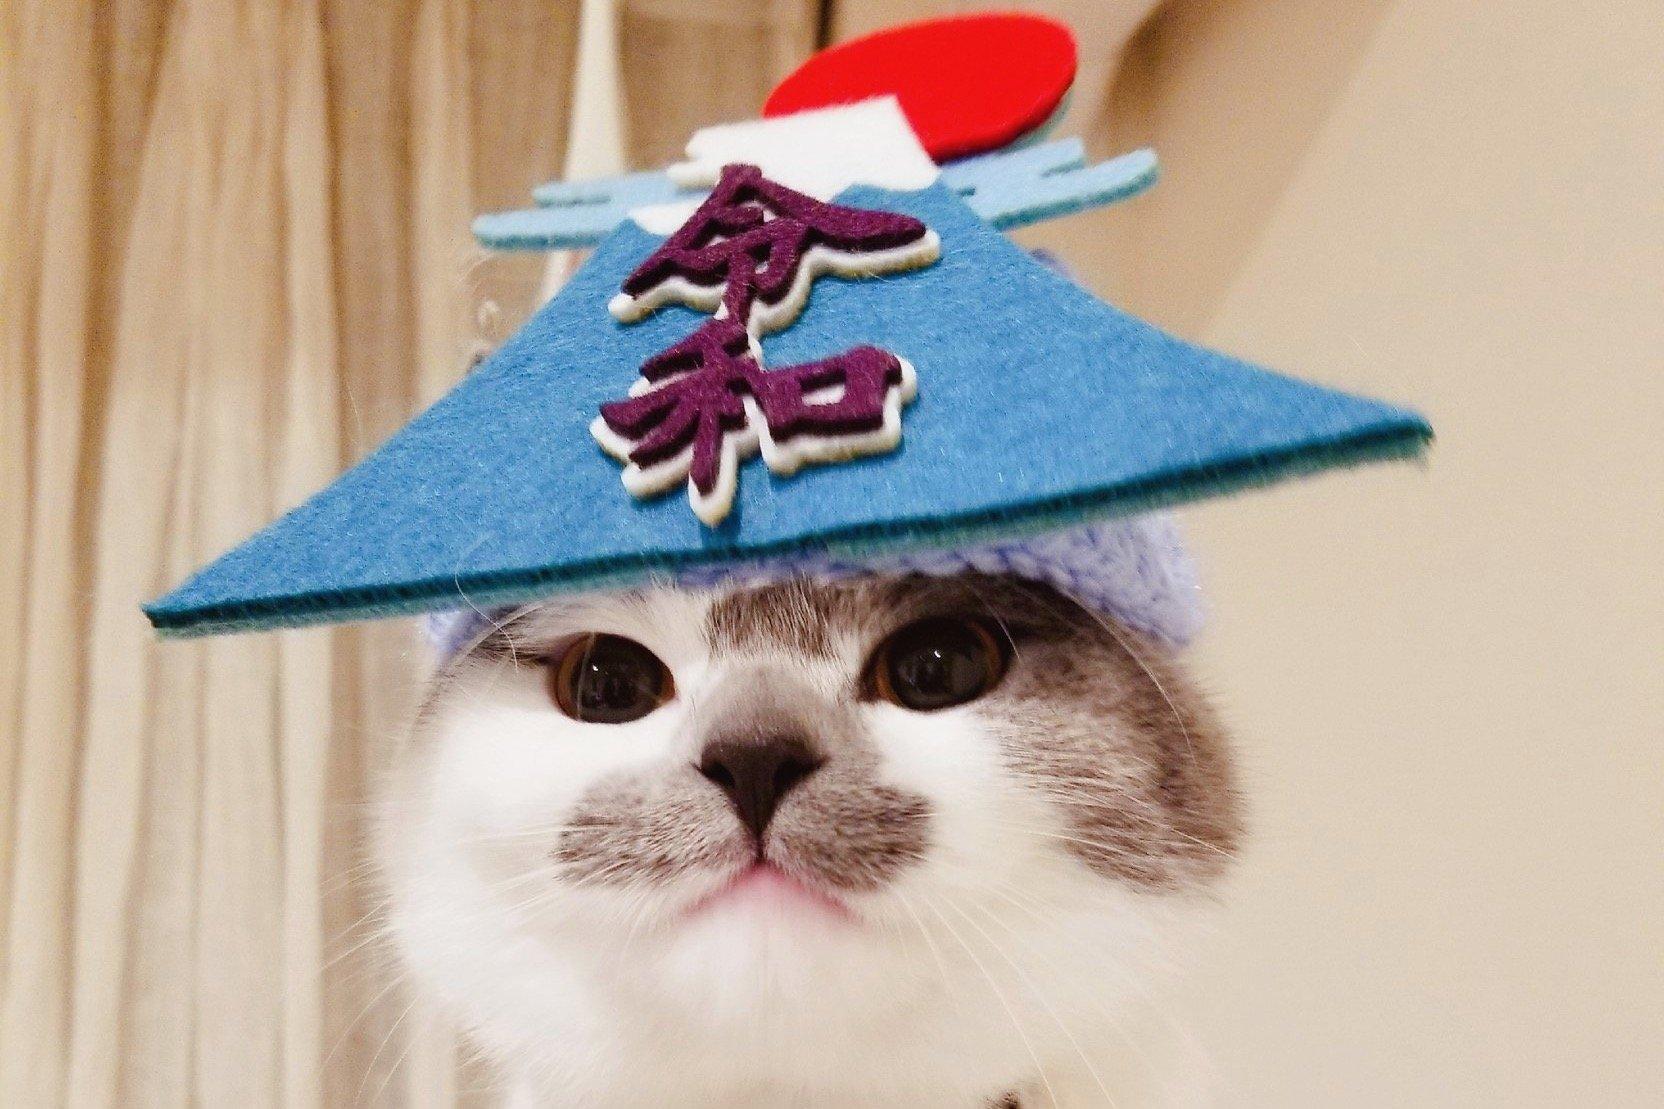 愛猫スコティッシュのさかもとちゃんと一緒に楽しむ「ごはんタイム」が羨ましすぎる…!